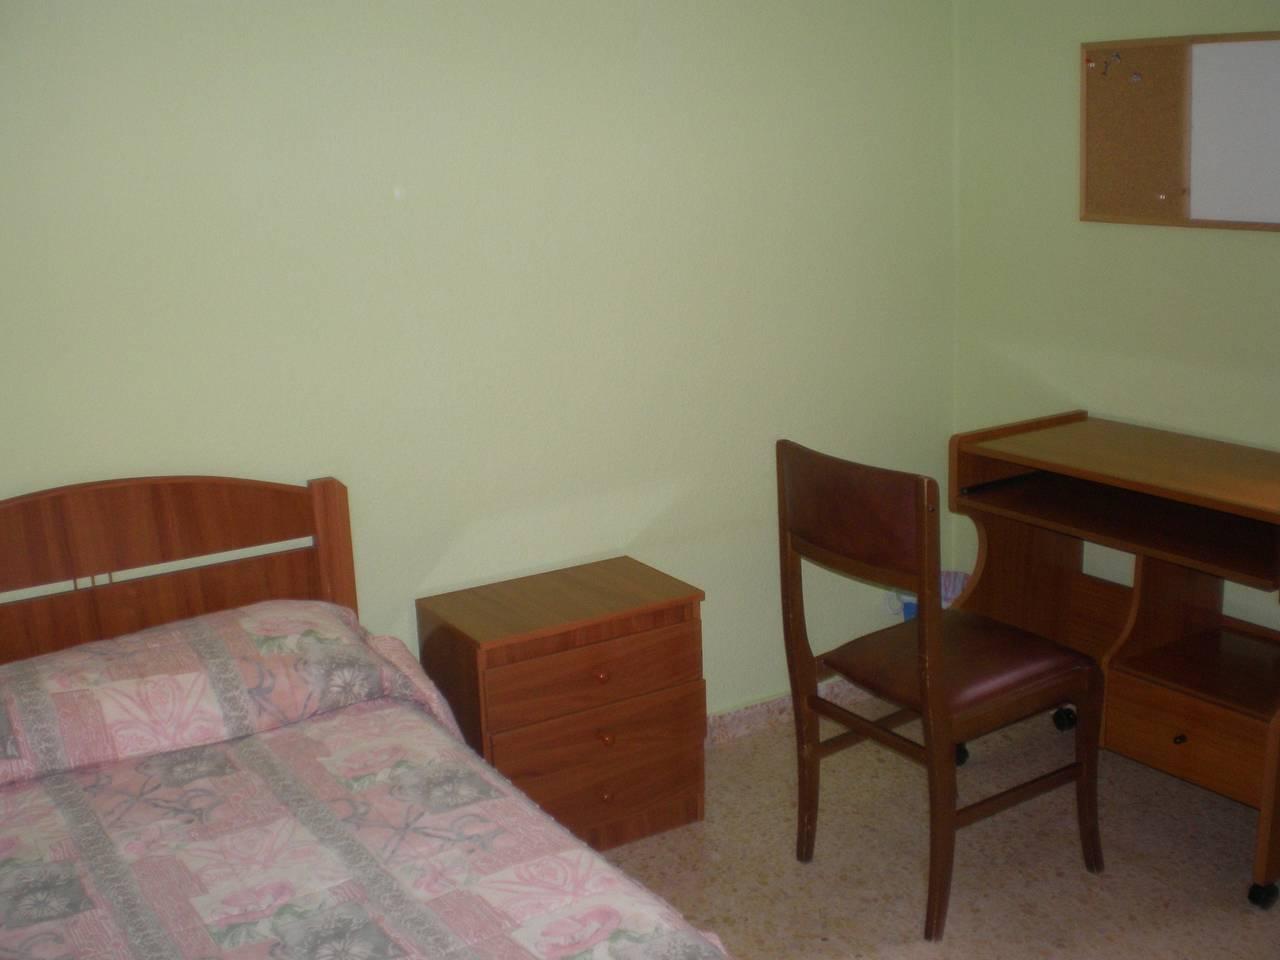 en soria se alquilan una habitacion en piso compartido  - Foto 3